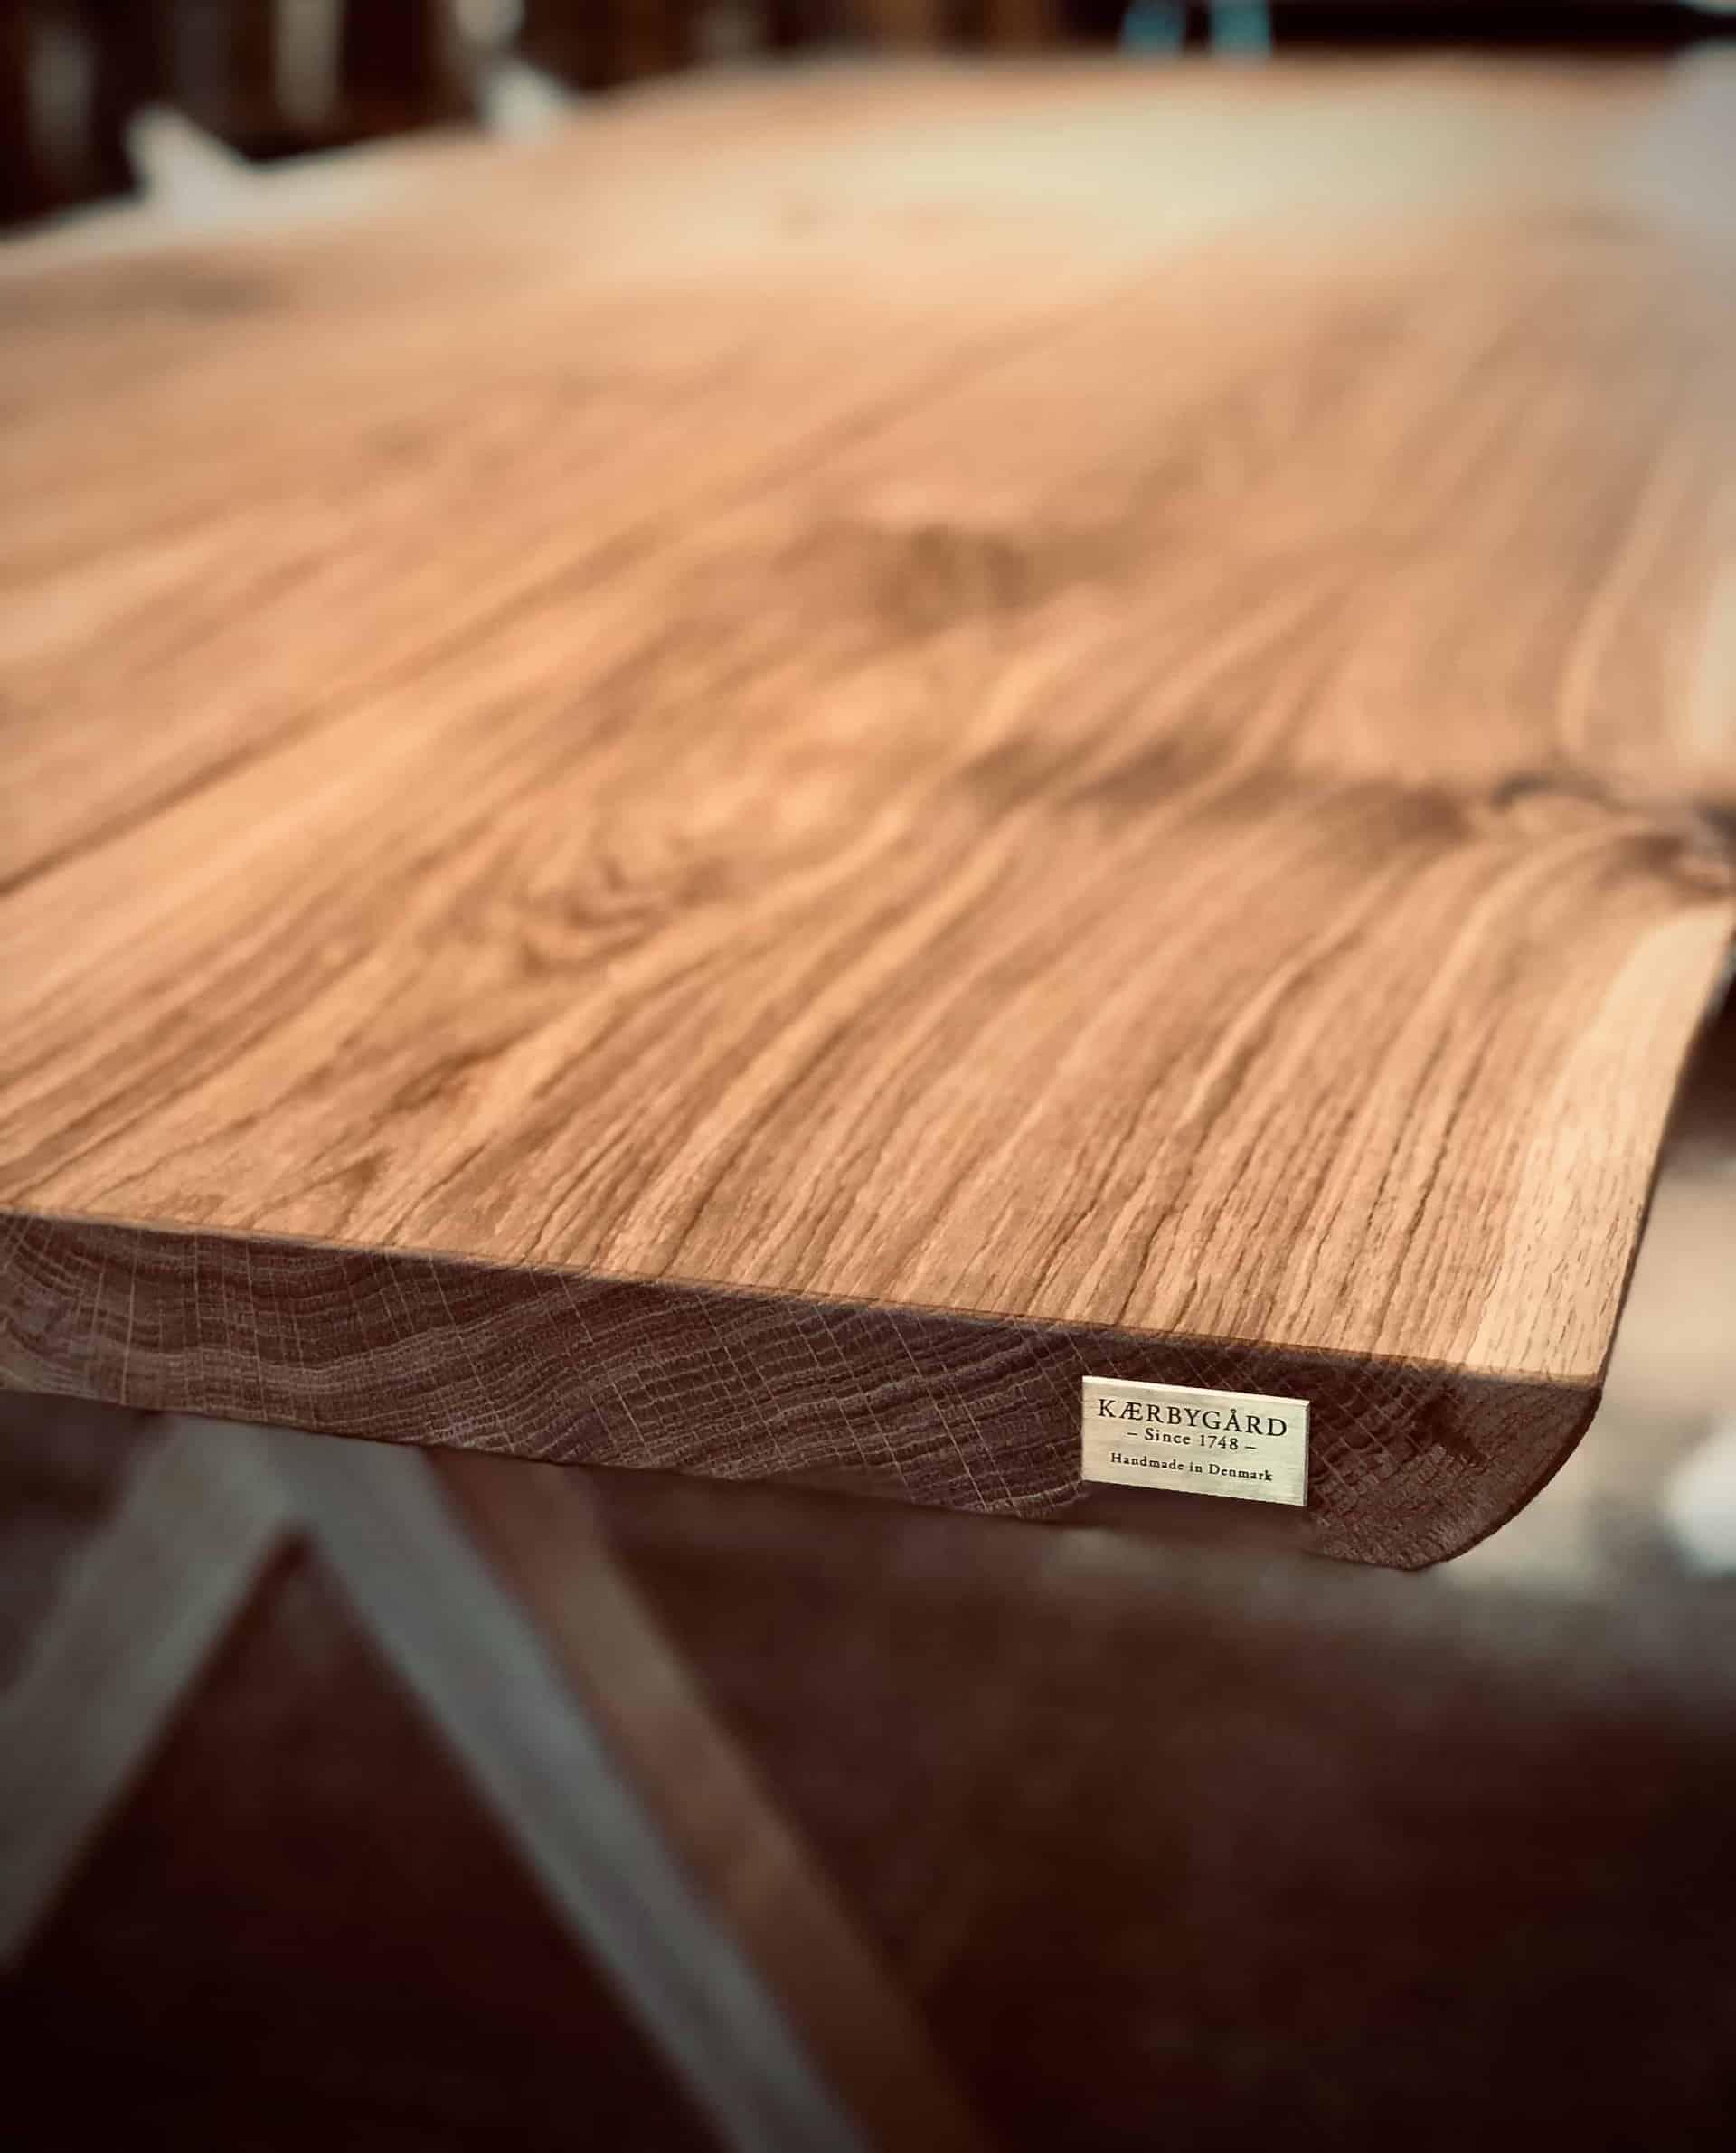 billede10 2 1 - kaerbygaard plankebord KÆRBYGÅRD 2020 snedkeri - træbord_ Egetræ - valnød elmetræ